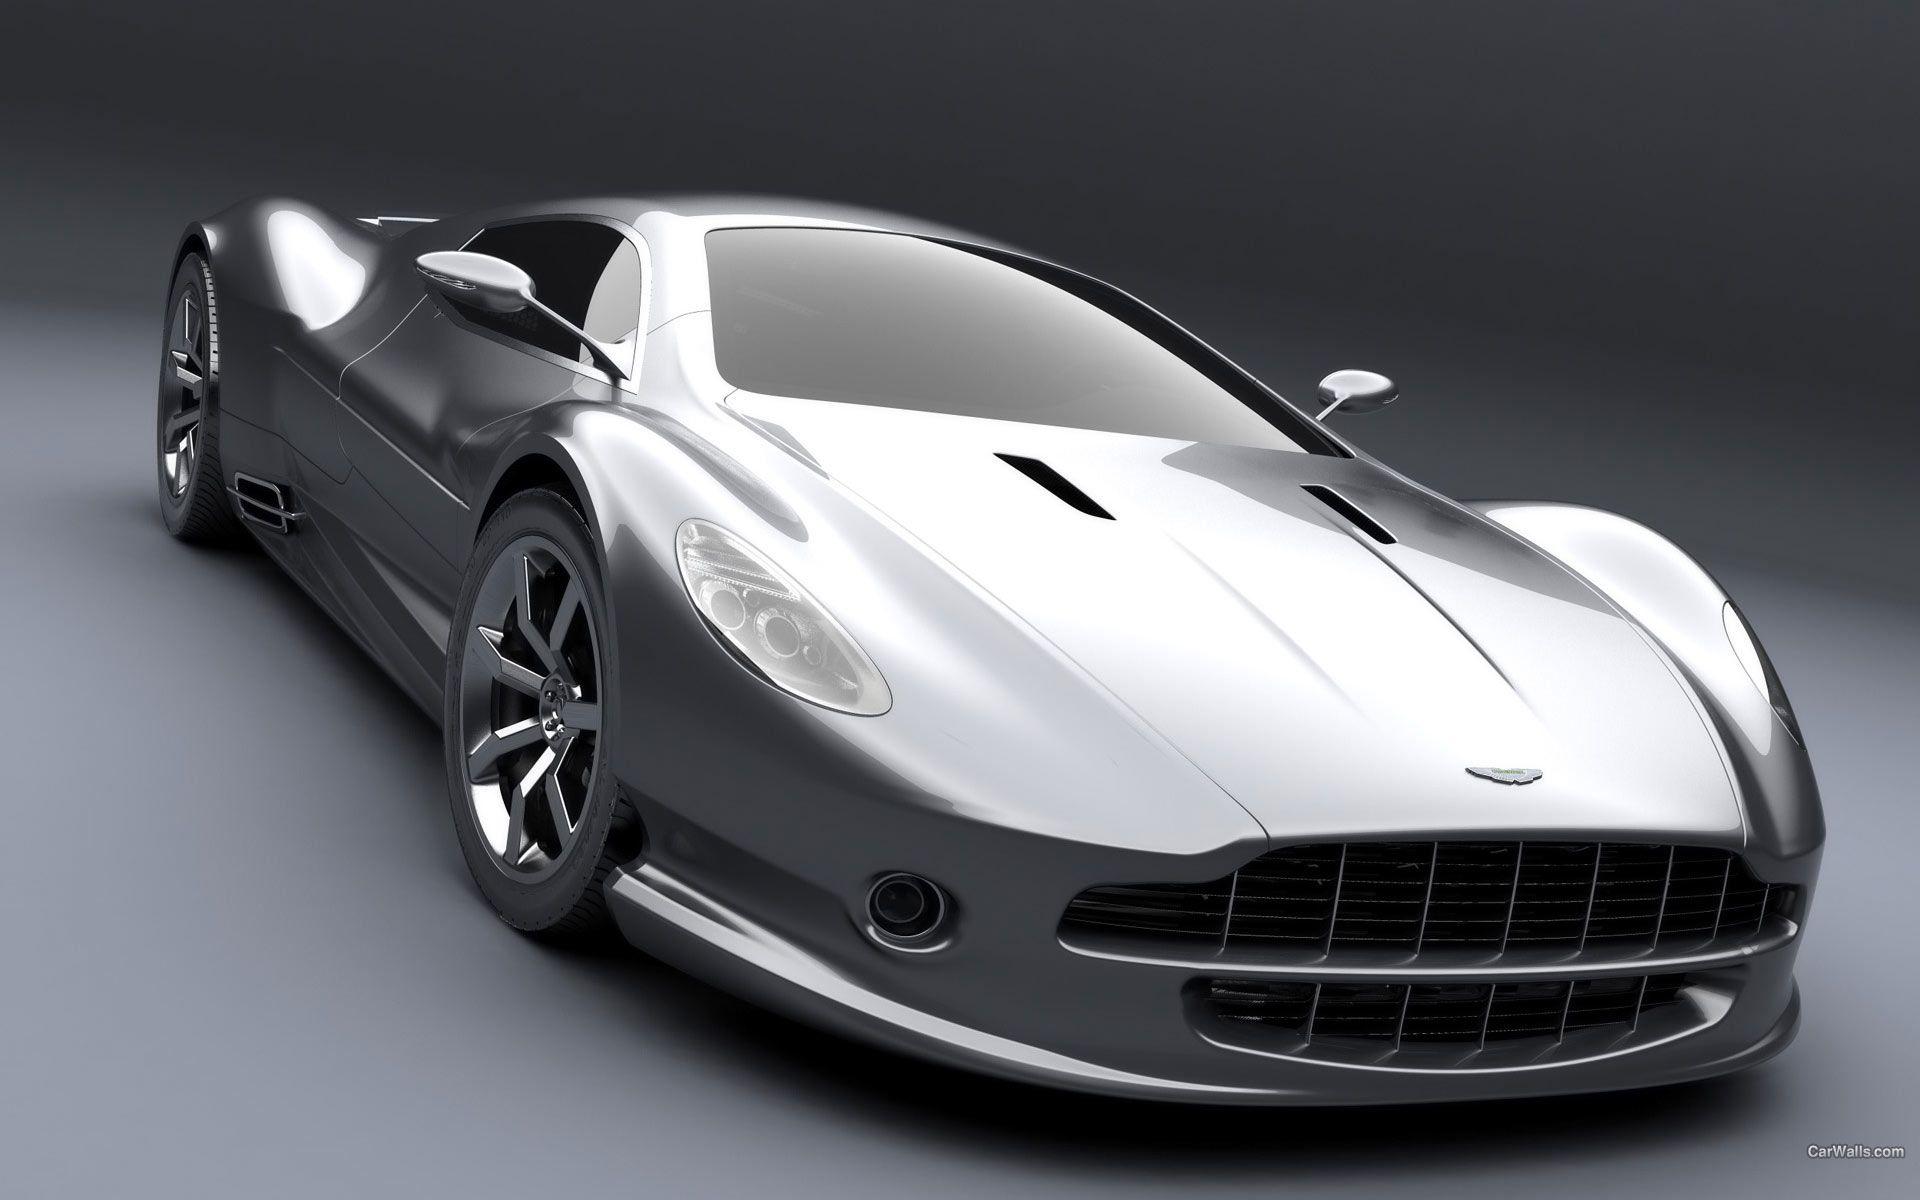 Aston Martin Concept Car  Cars  Pinterest  Martin omalley